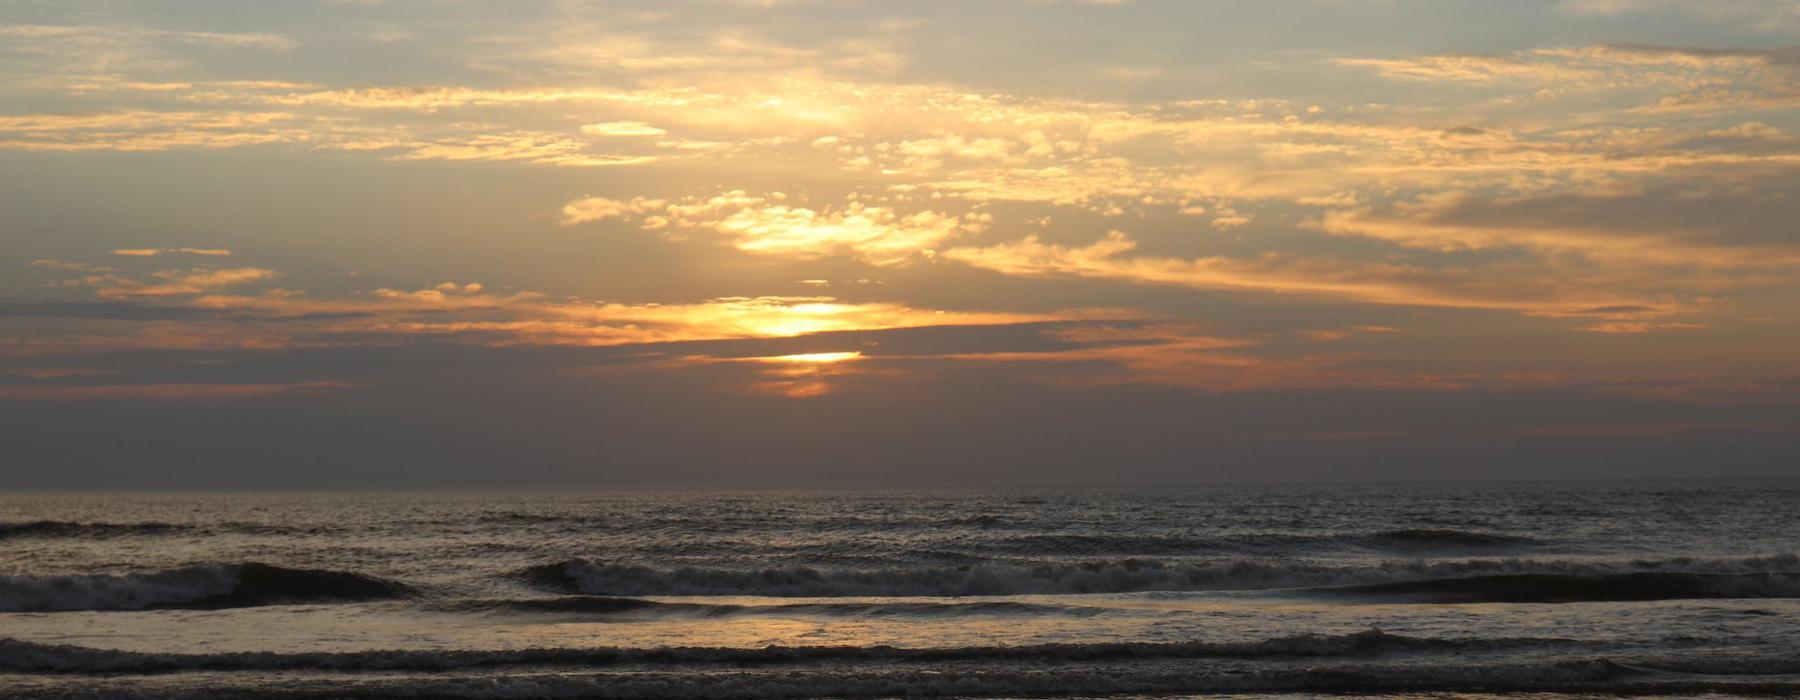 Carova Beach Sunrise, OBX